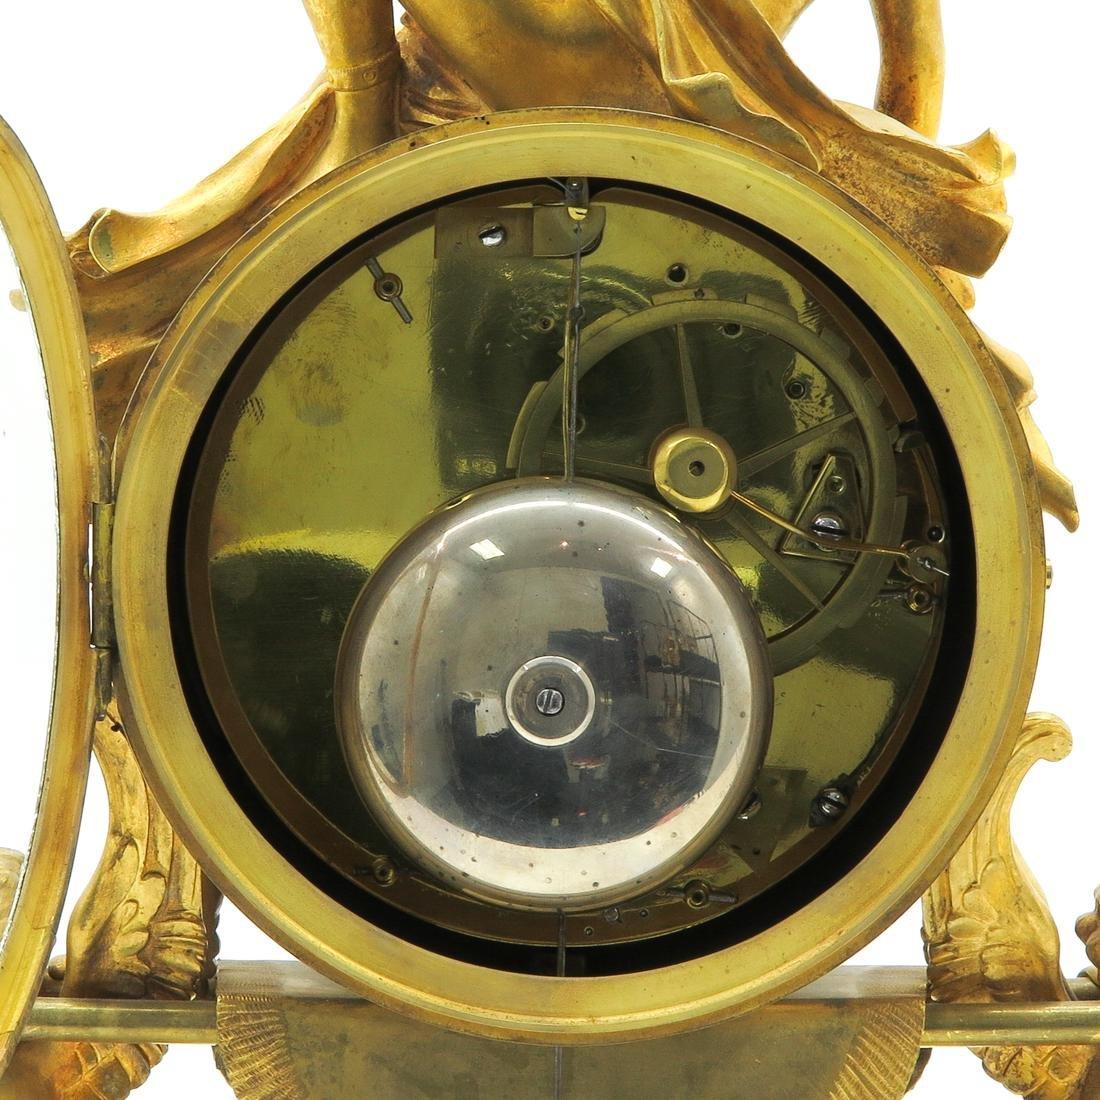 French Louis XVI Period Pendule Signed Le Poute a Paris - 5